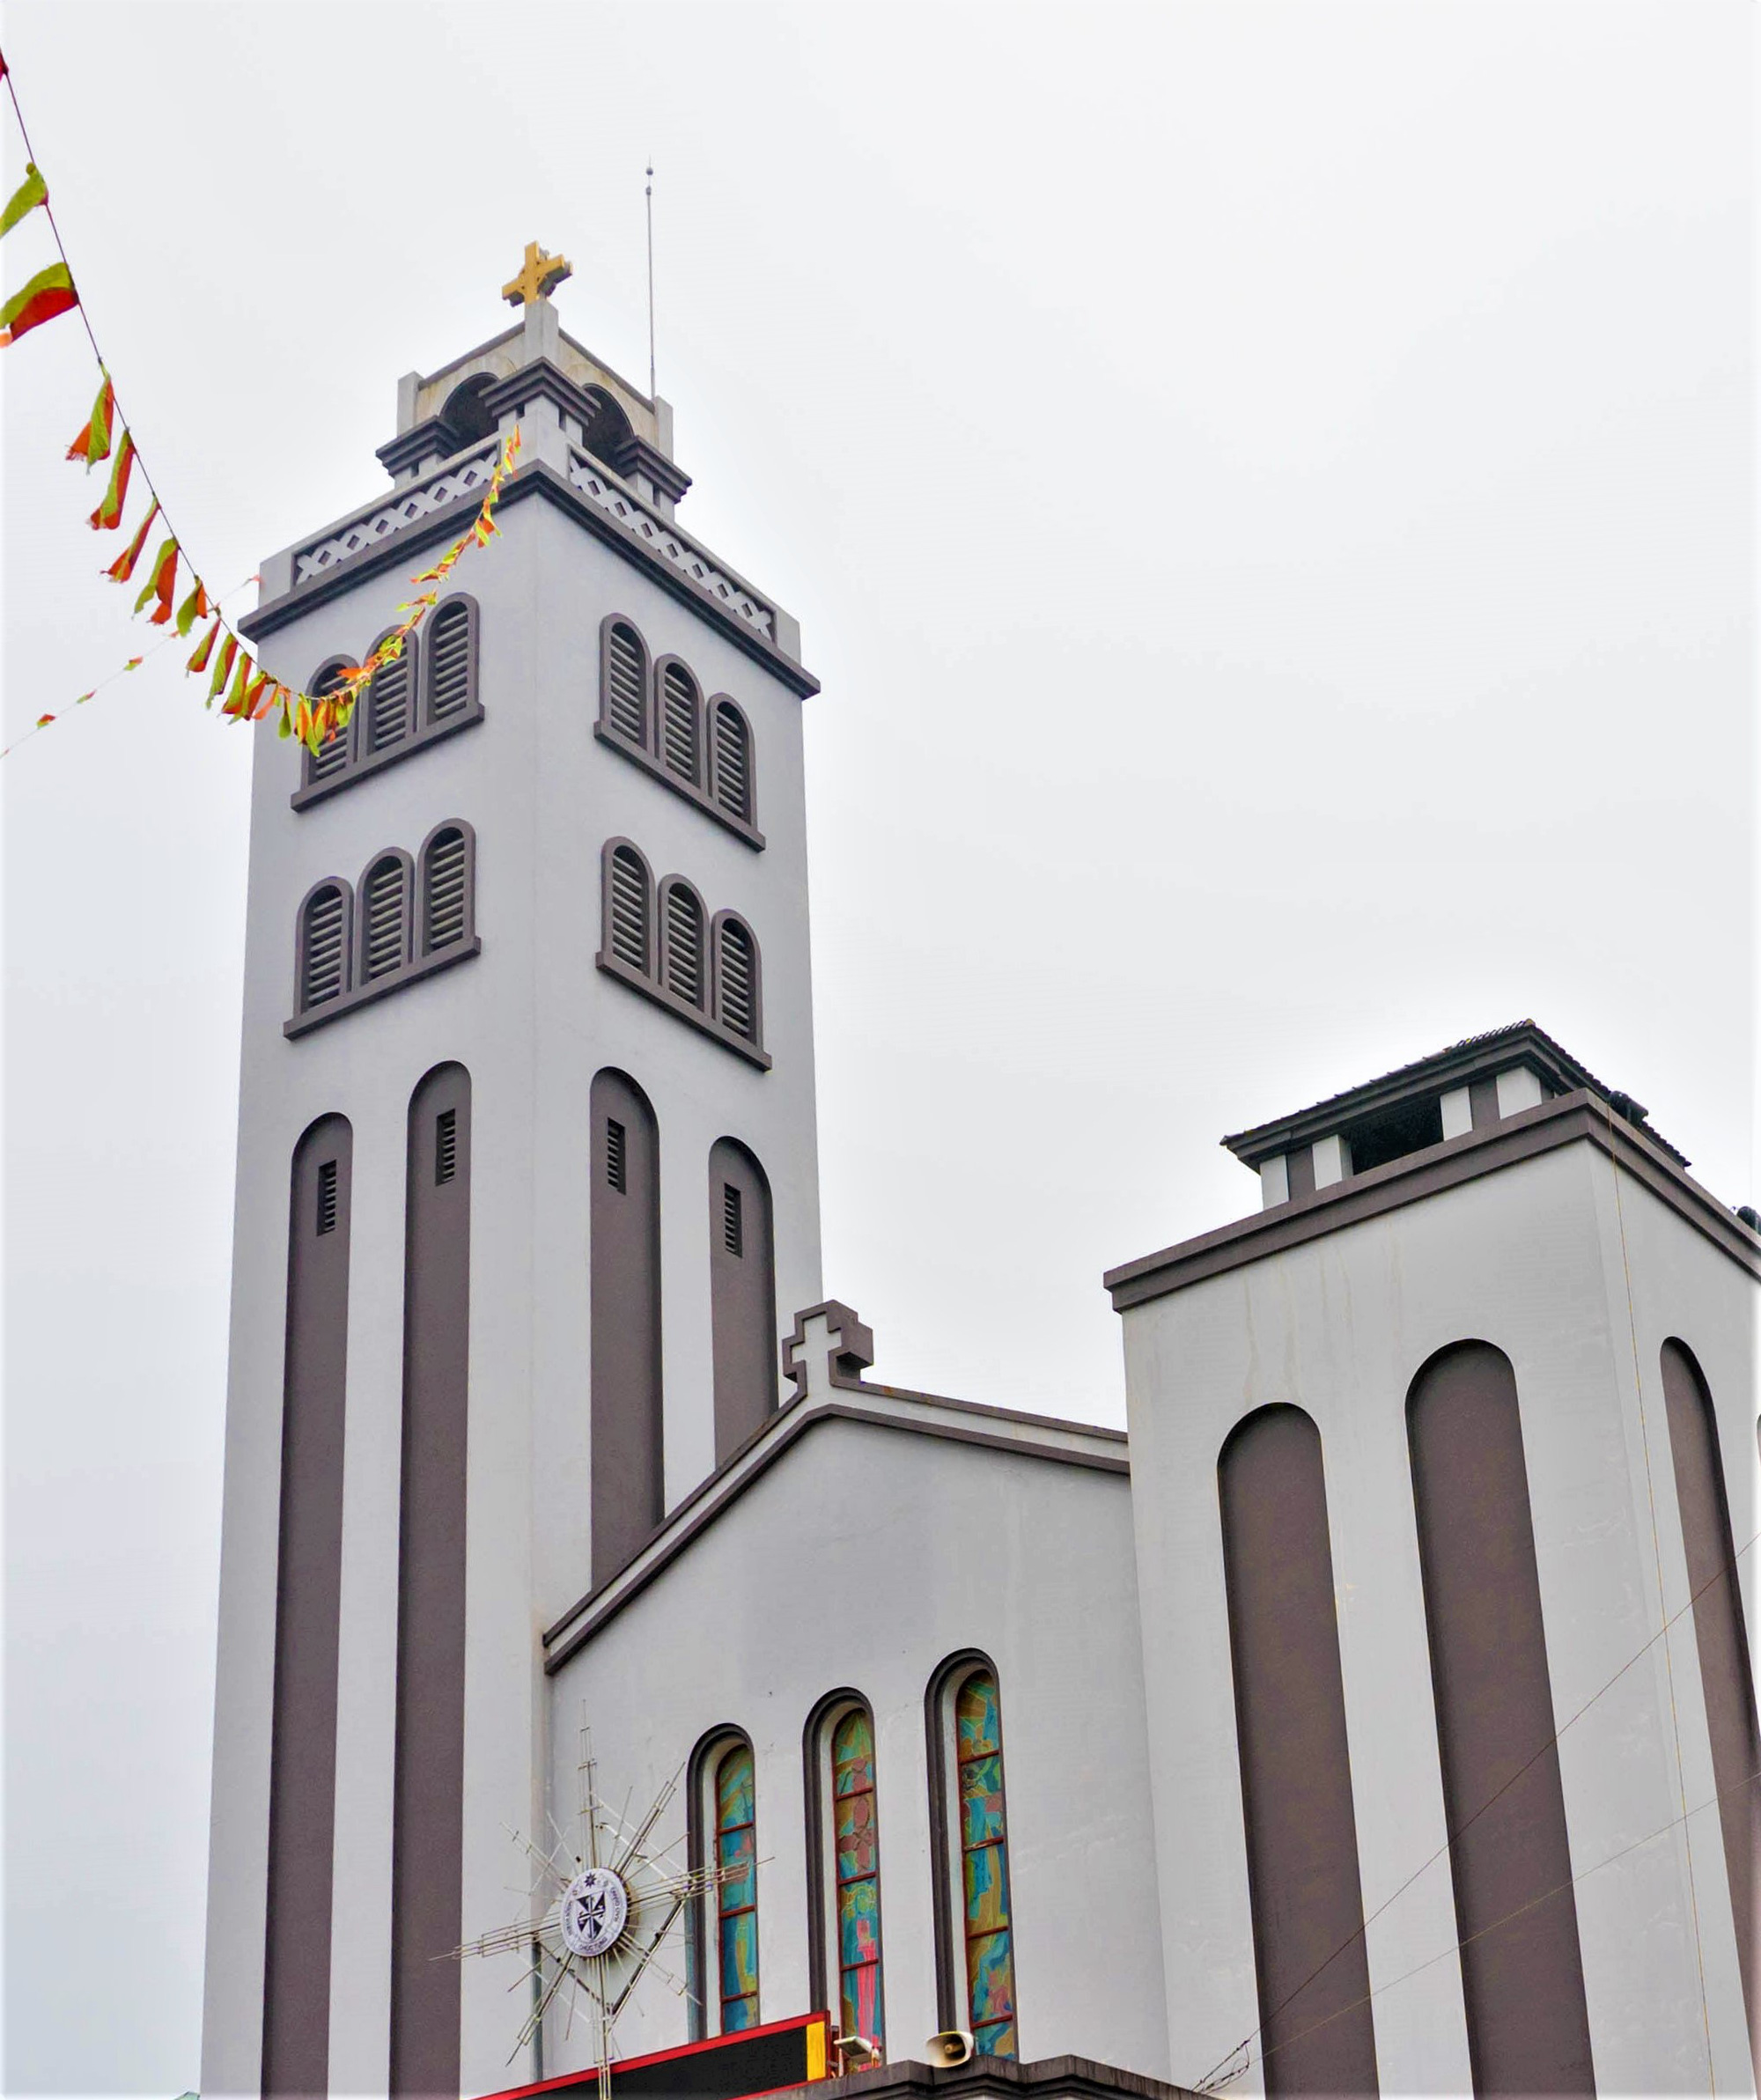 Về thăm nhà thờ Khoái Đồng, nơi thờ hiện thân của ông già Noel - Ảnh 5.